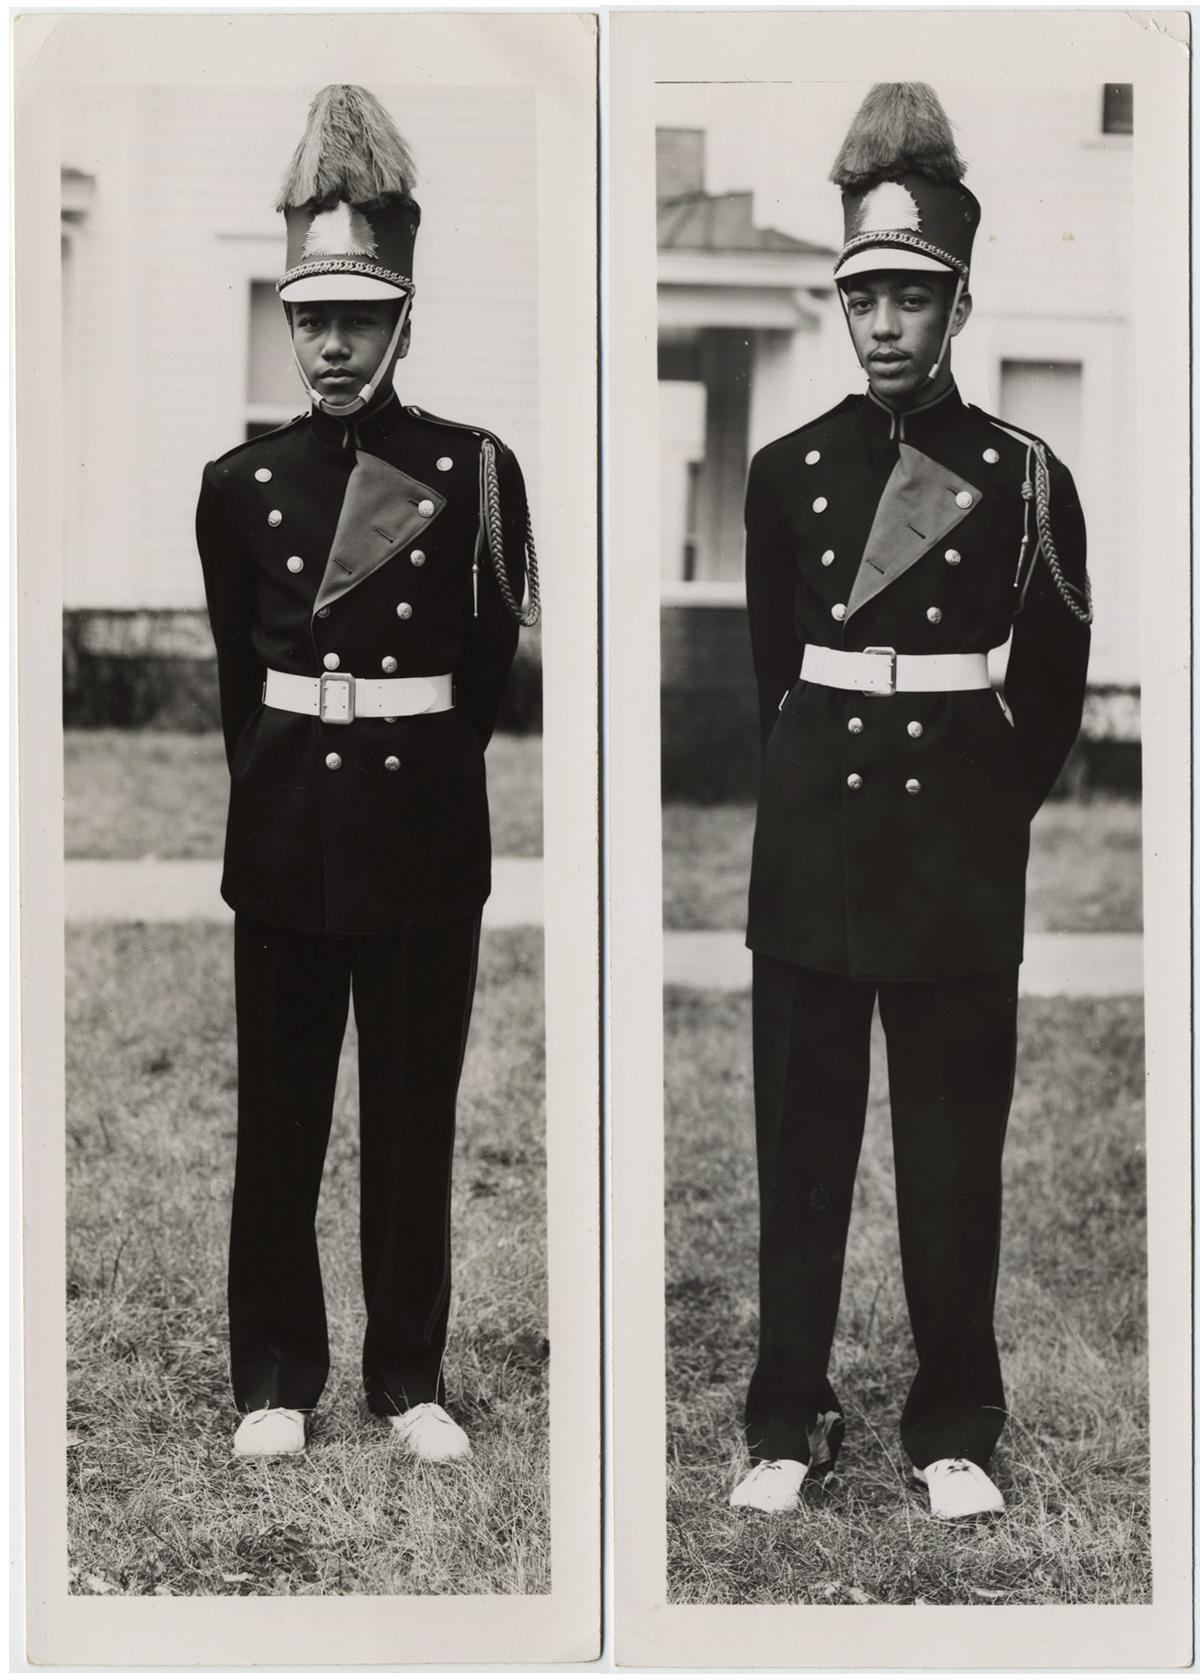 fp10534-35(Drum-Major-African-American-c